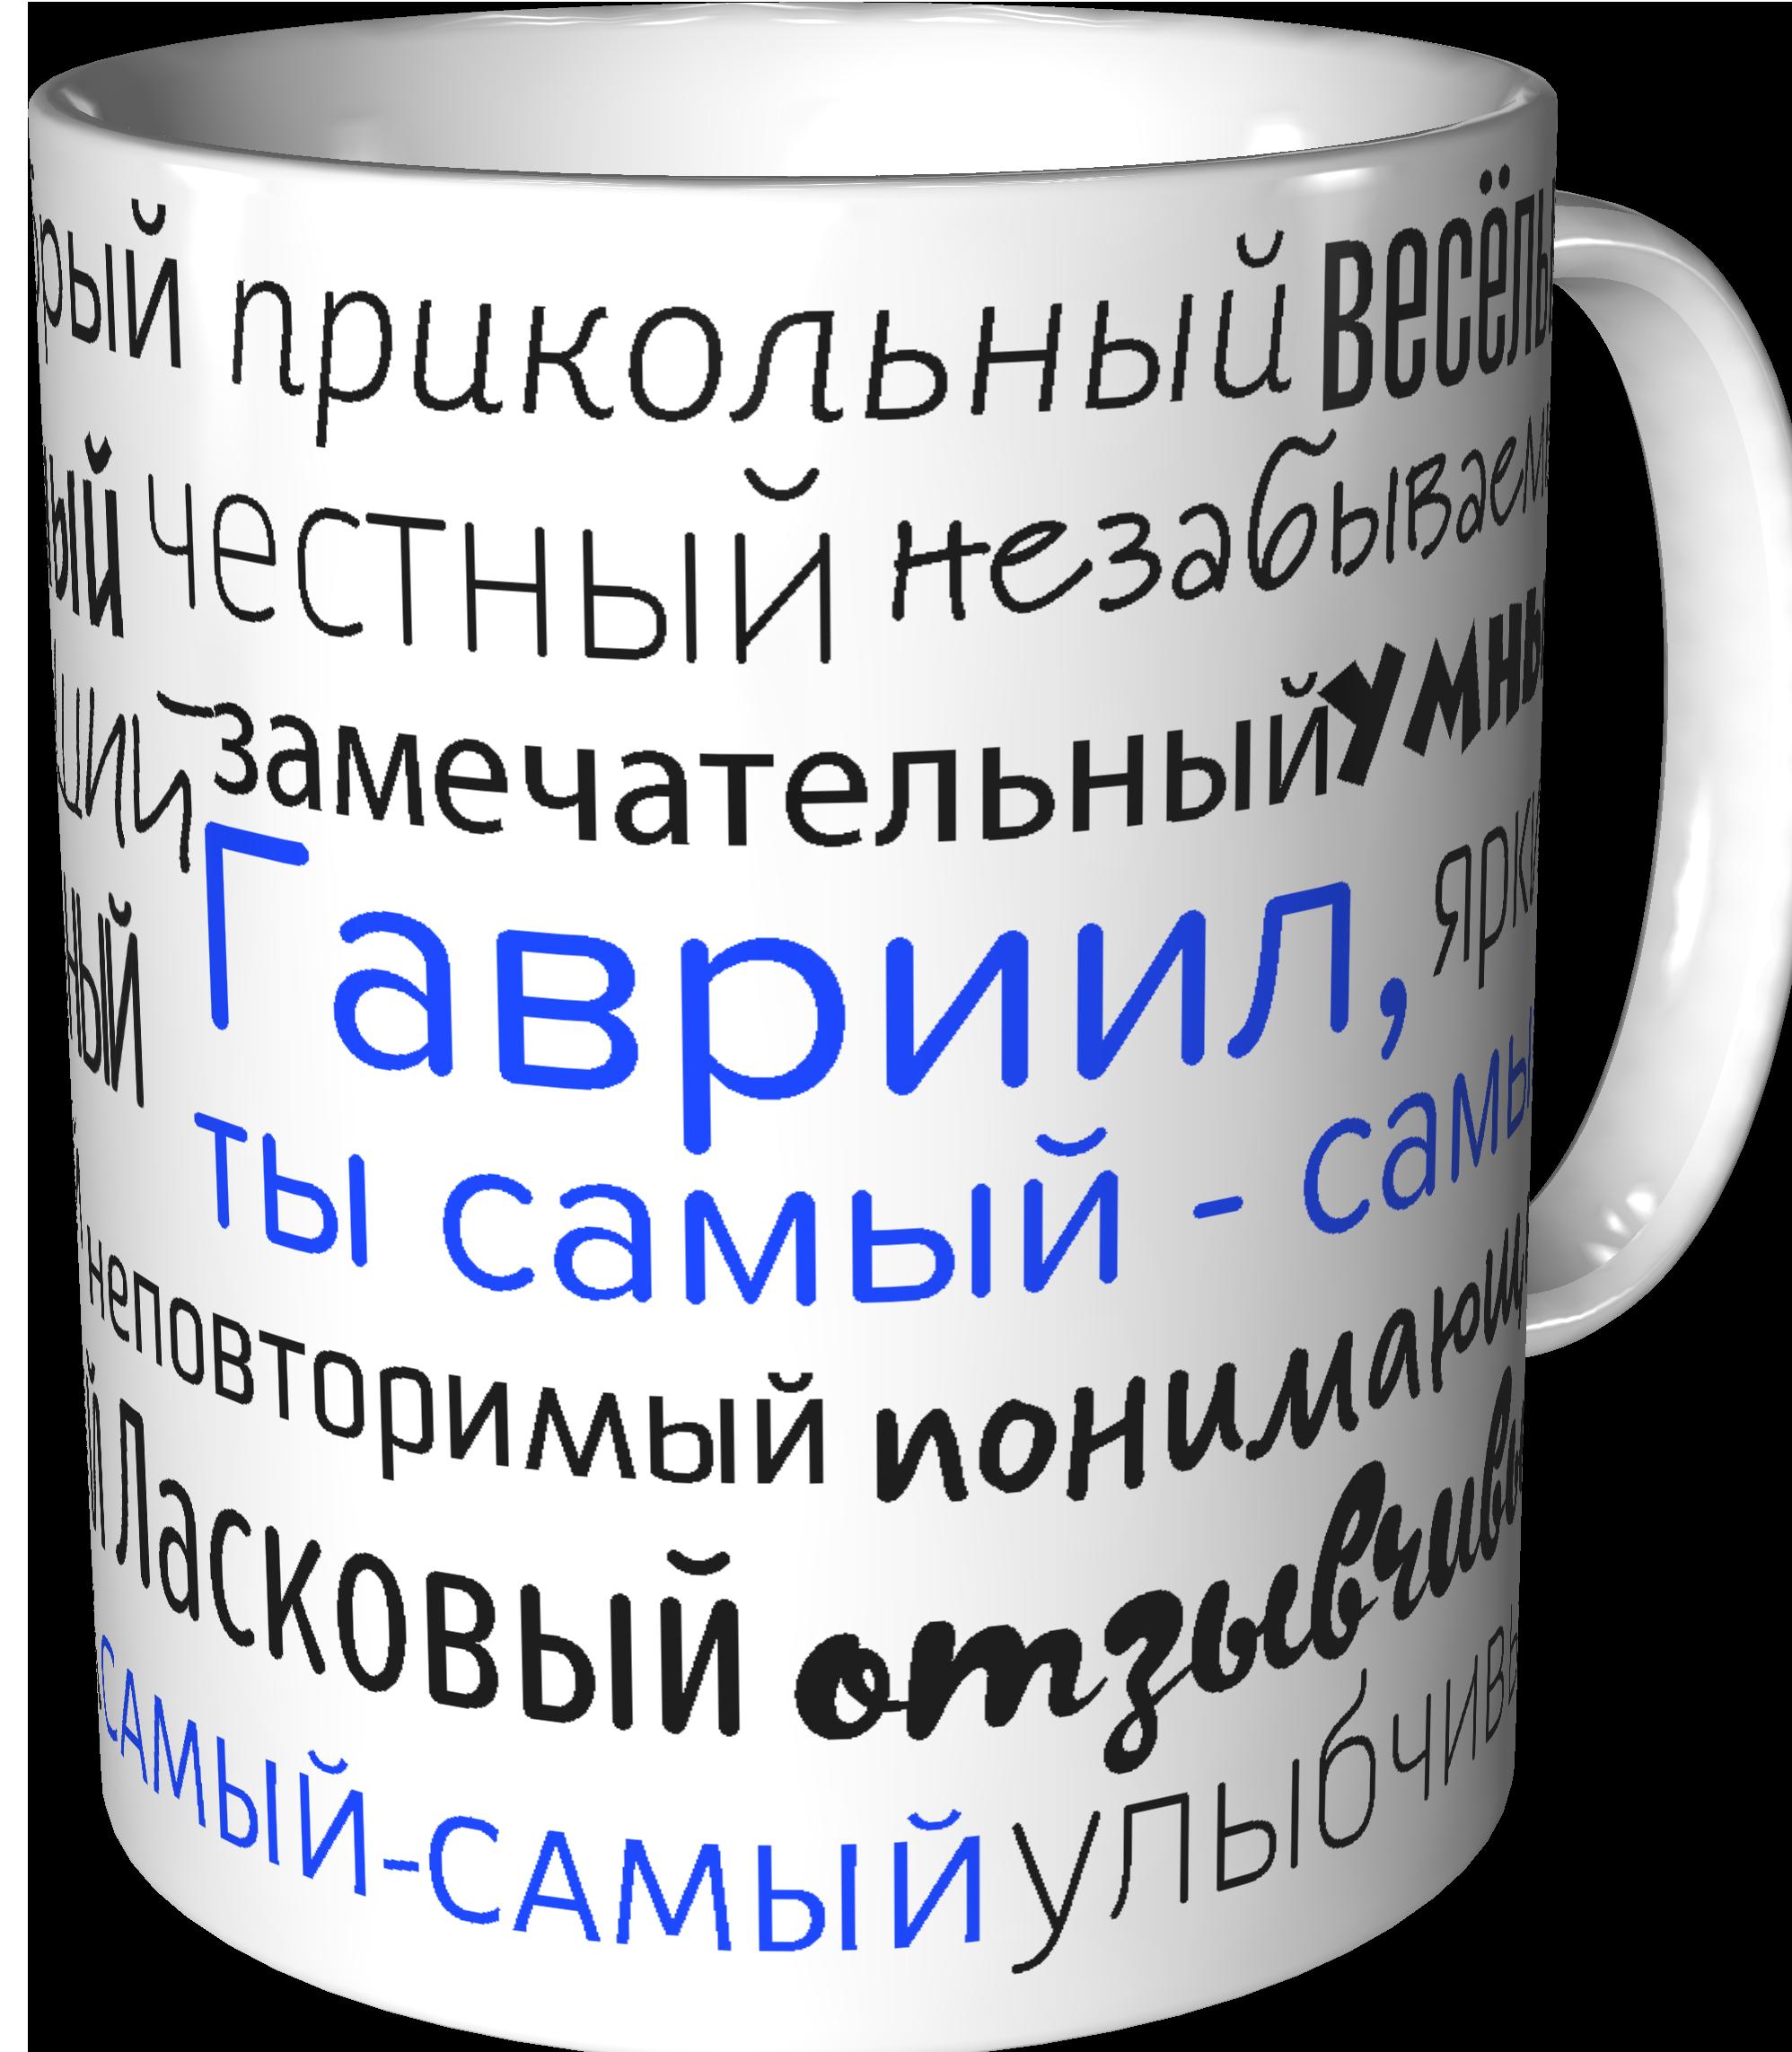 Кружка Легко МП комплименты мужская Гавриил, белый